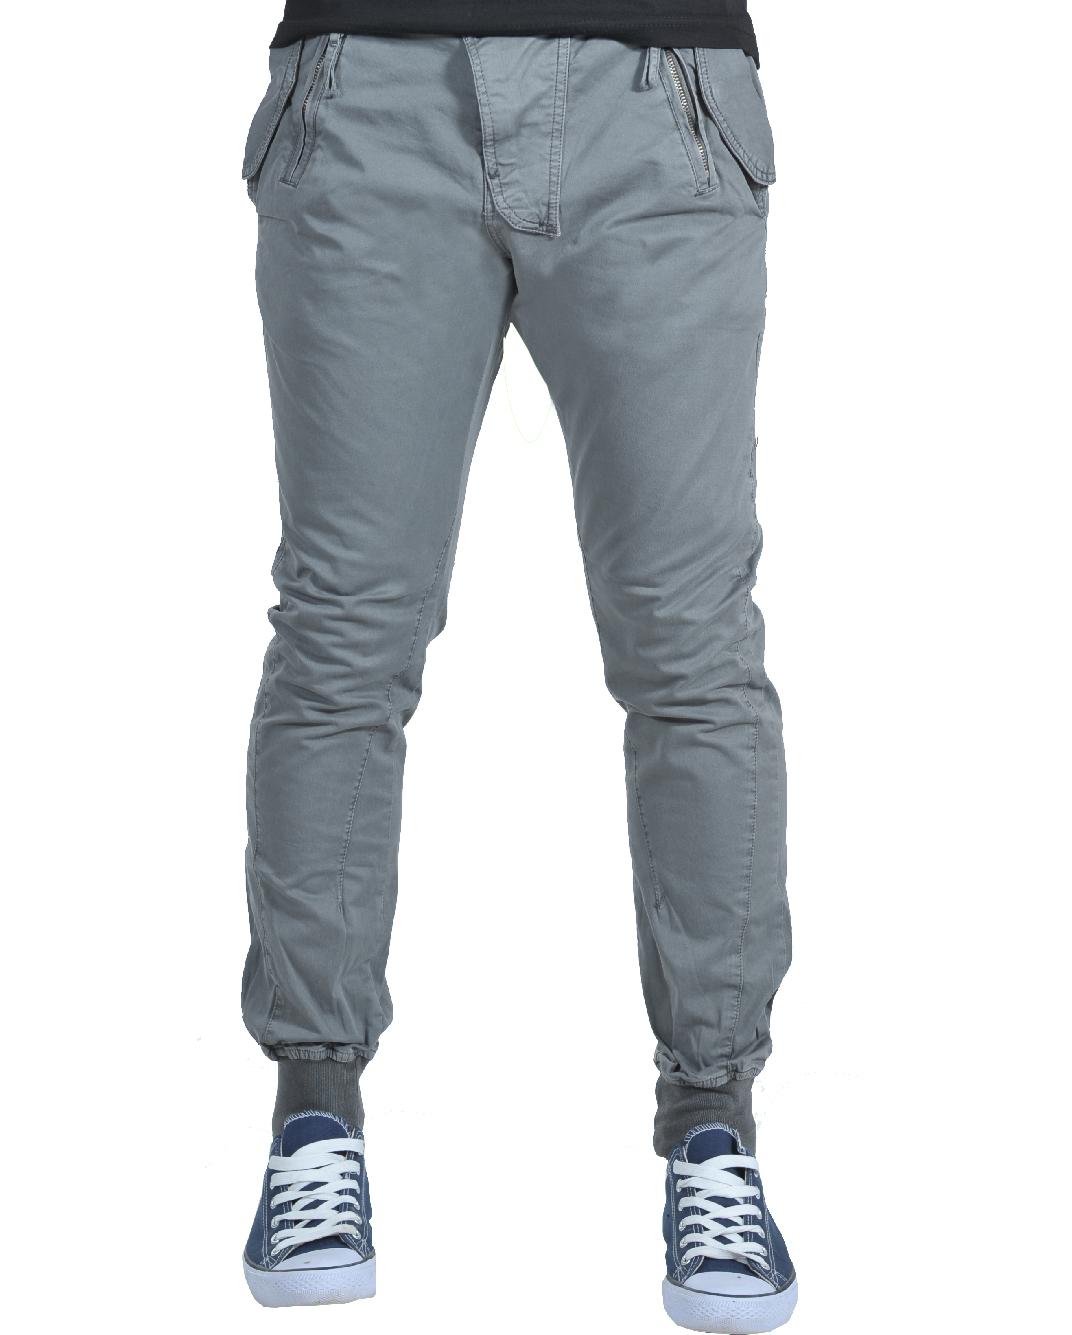 Ανδρικό Chino Παντελόνι Grey Rosso-Γκρι αρχική ανδρικά ρούχα παντελόνια chinos